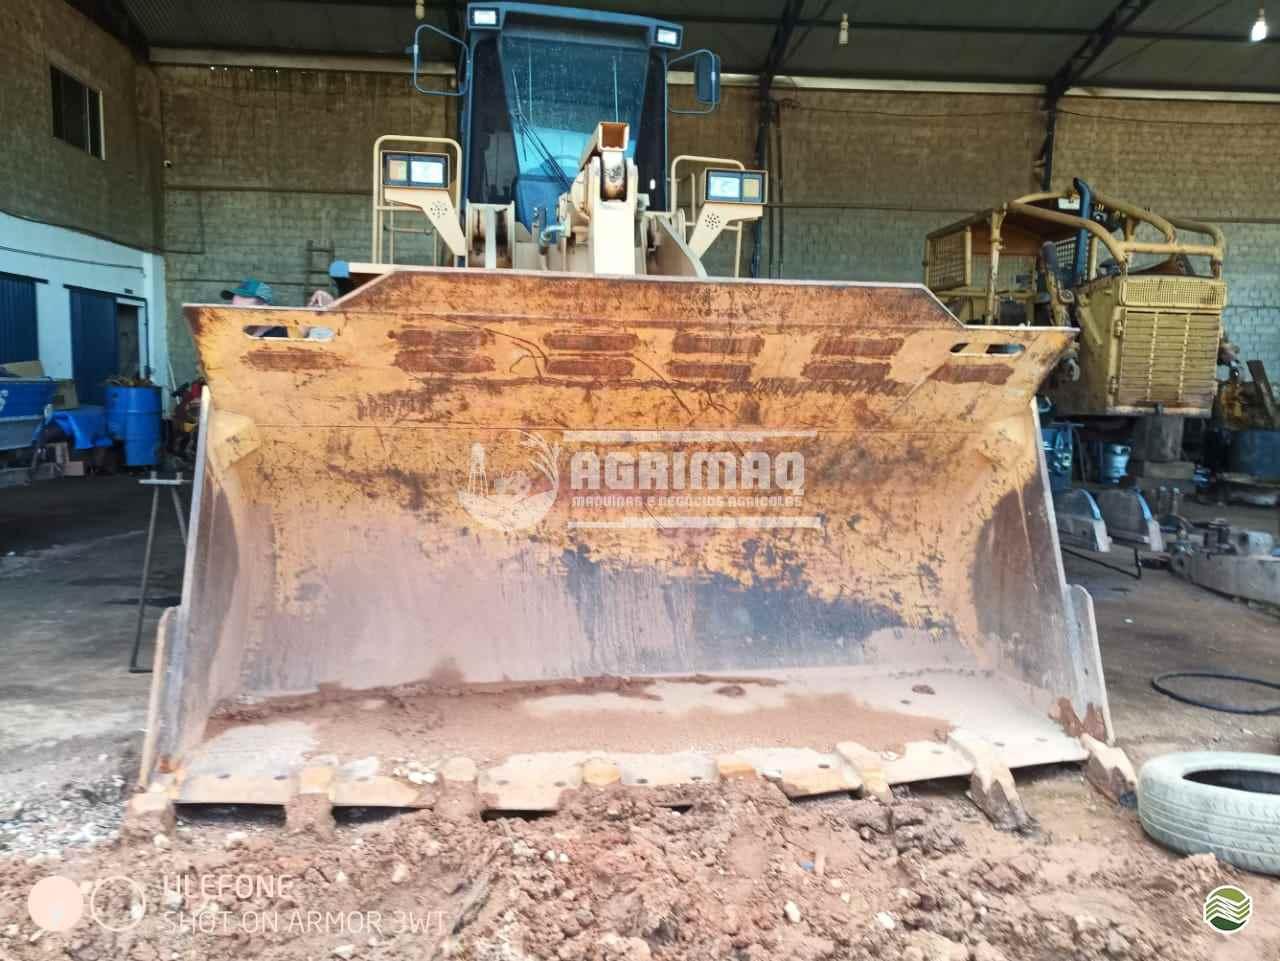 PA CARREGADEIRA LIUGONG 856 Agrimaq Máquinas e Implementos Agrícolas LUCAS DO RIO VERDE MATO GROSSO MT